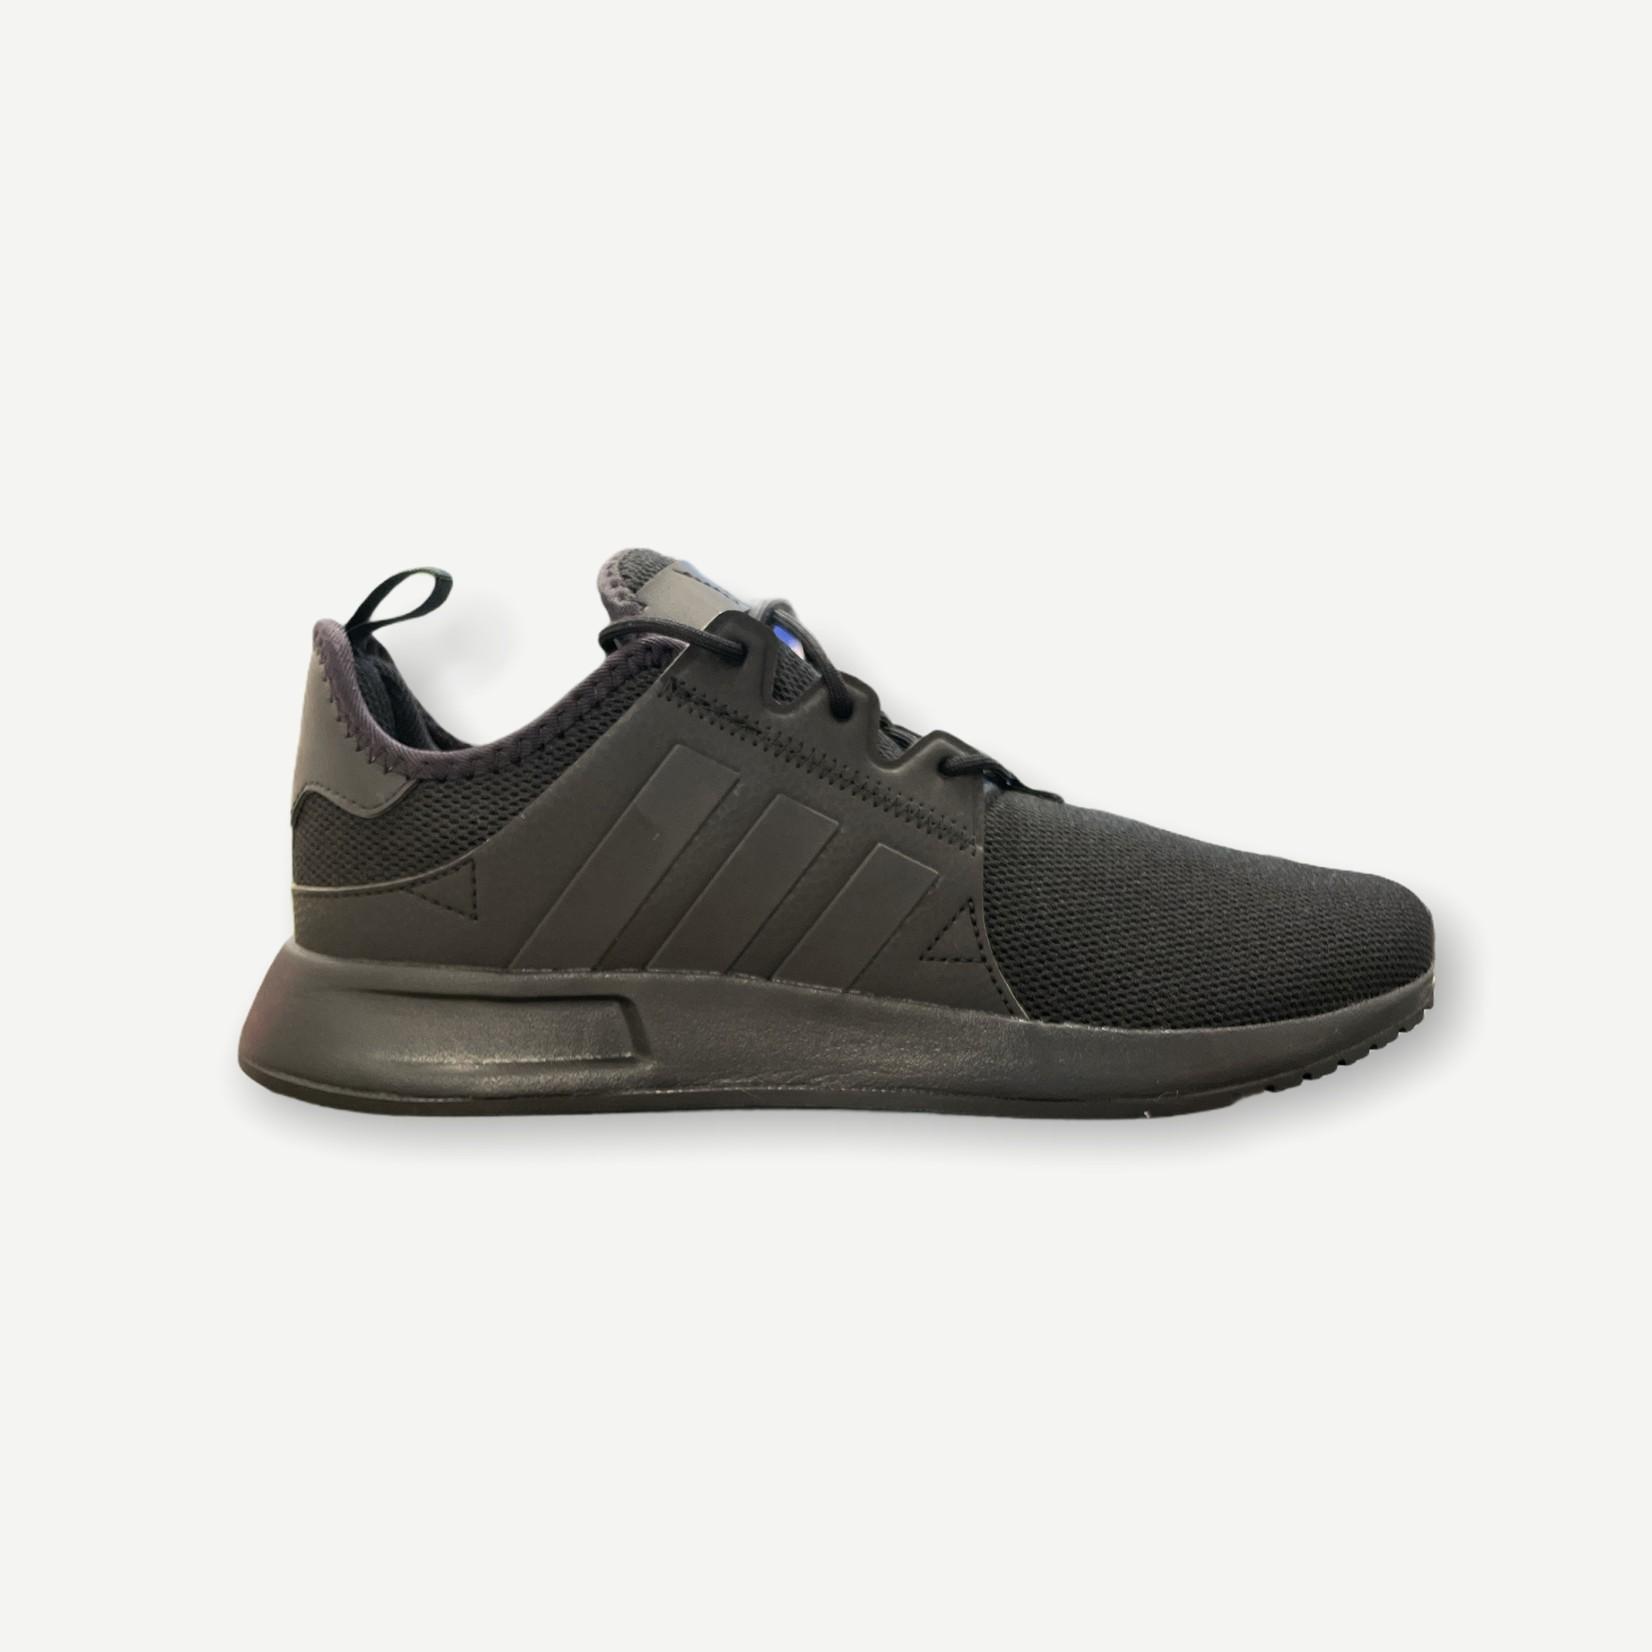 Mens Adidas X PLR Black